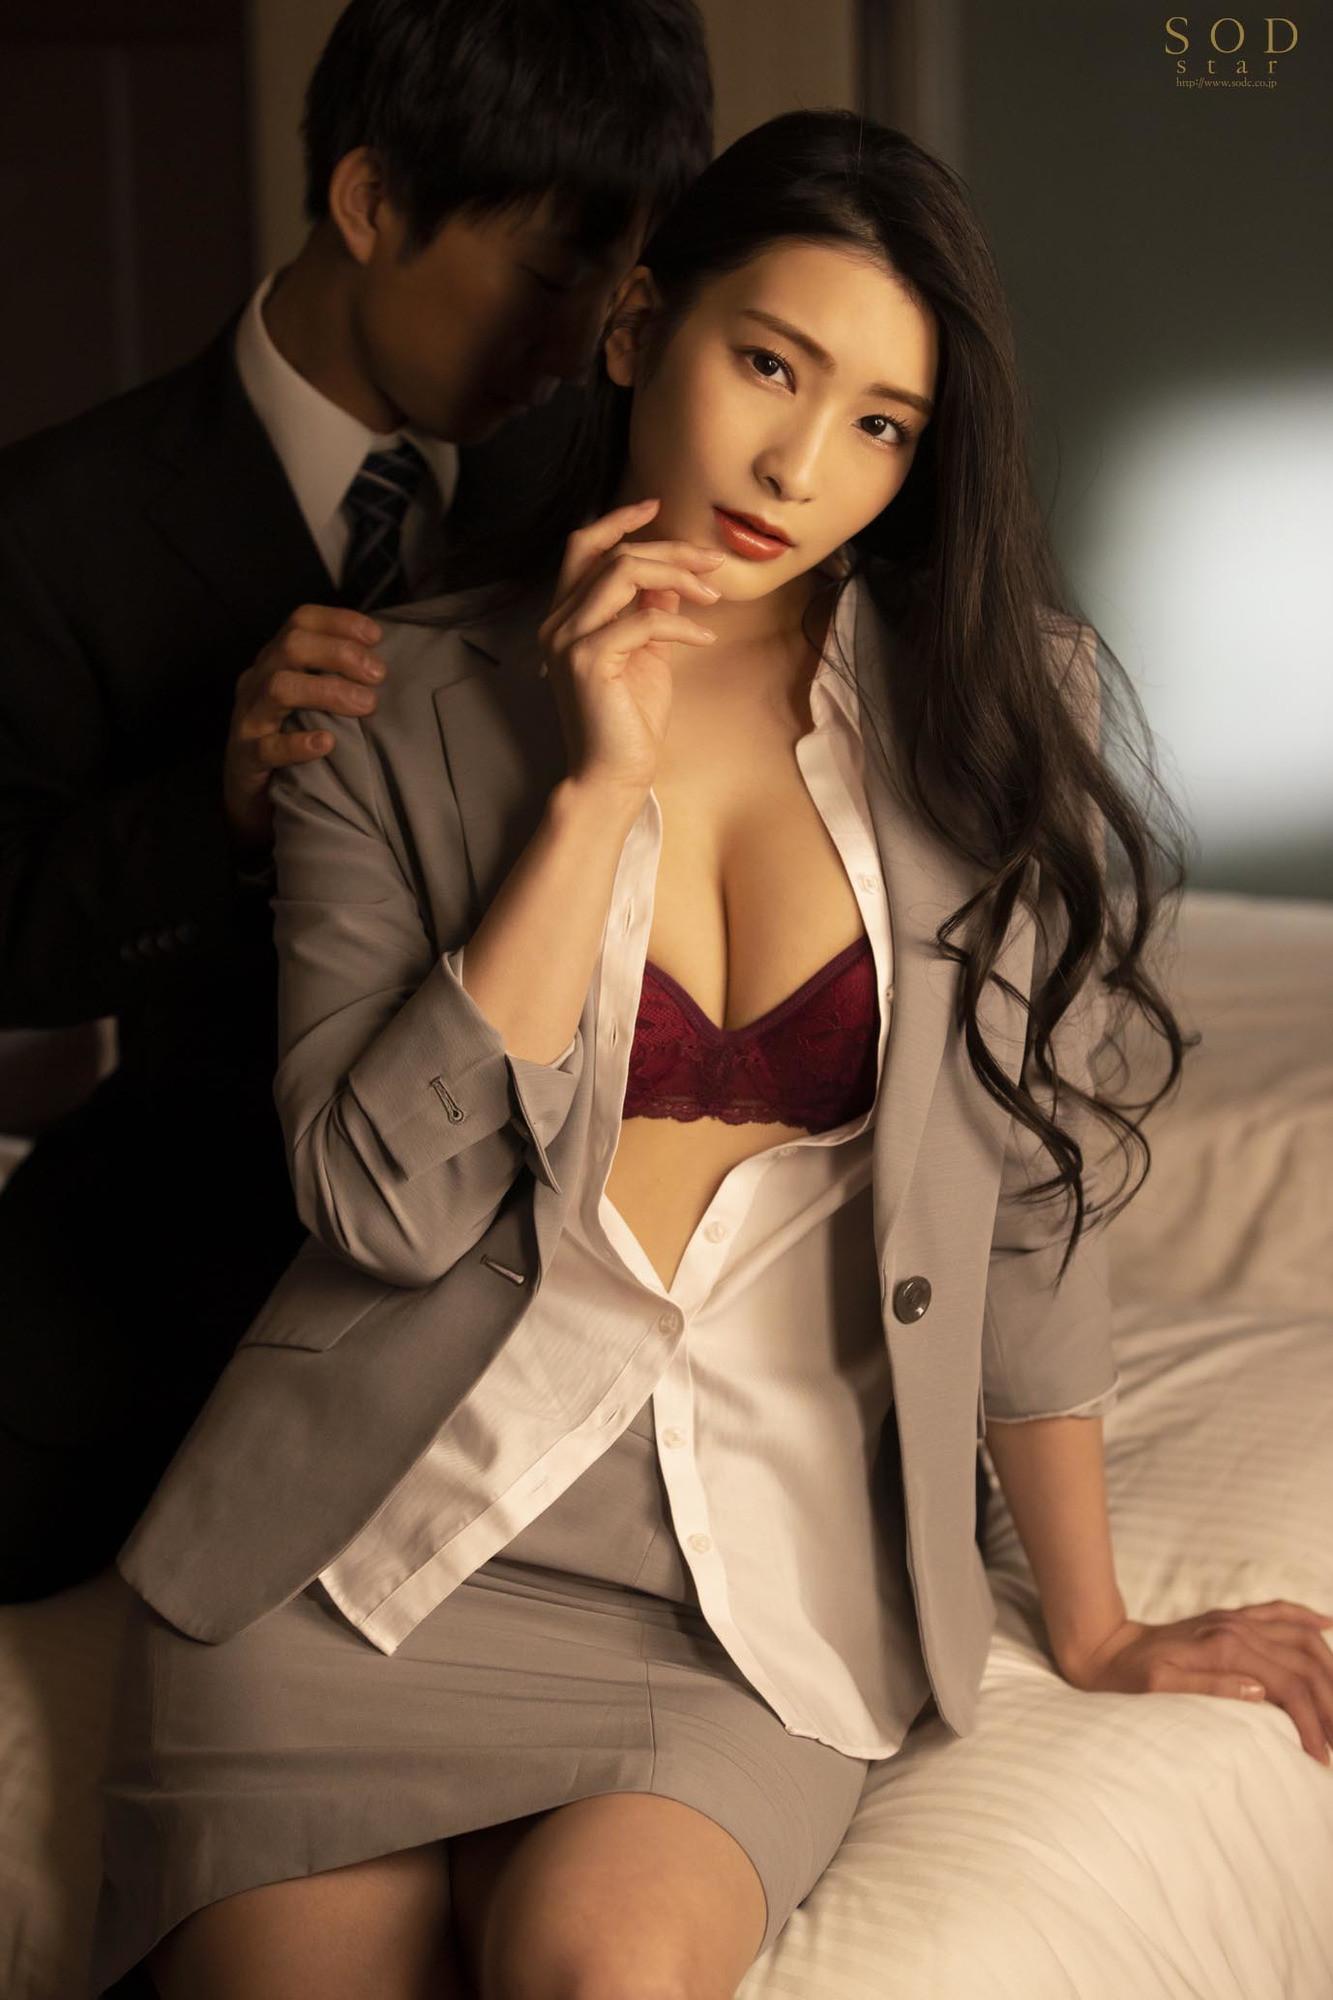 童貞部下と出張先でホテル相部屋 翌朝までベロチュウ姦され続ける化粧品メーカーの寝取られ女上司 本庄鈴 画像1